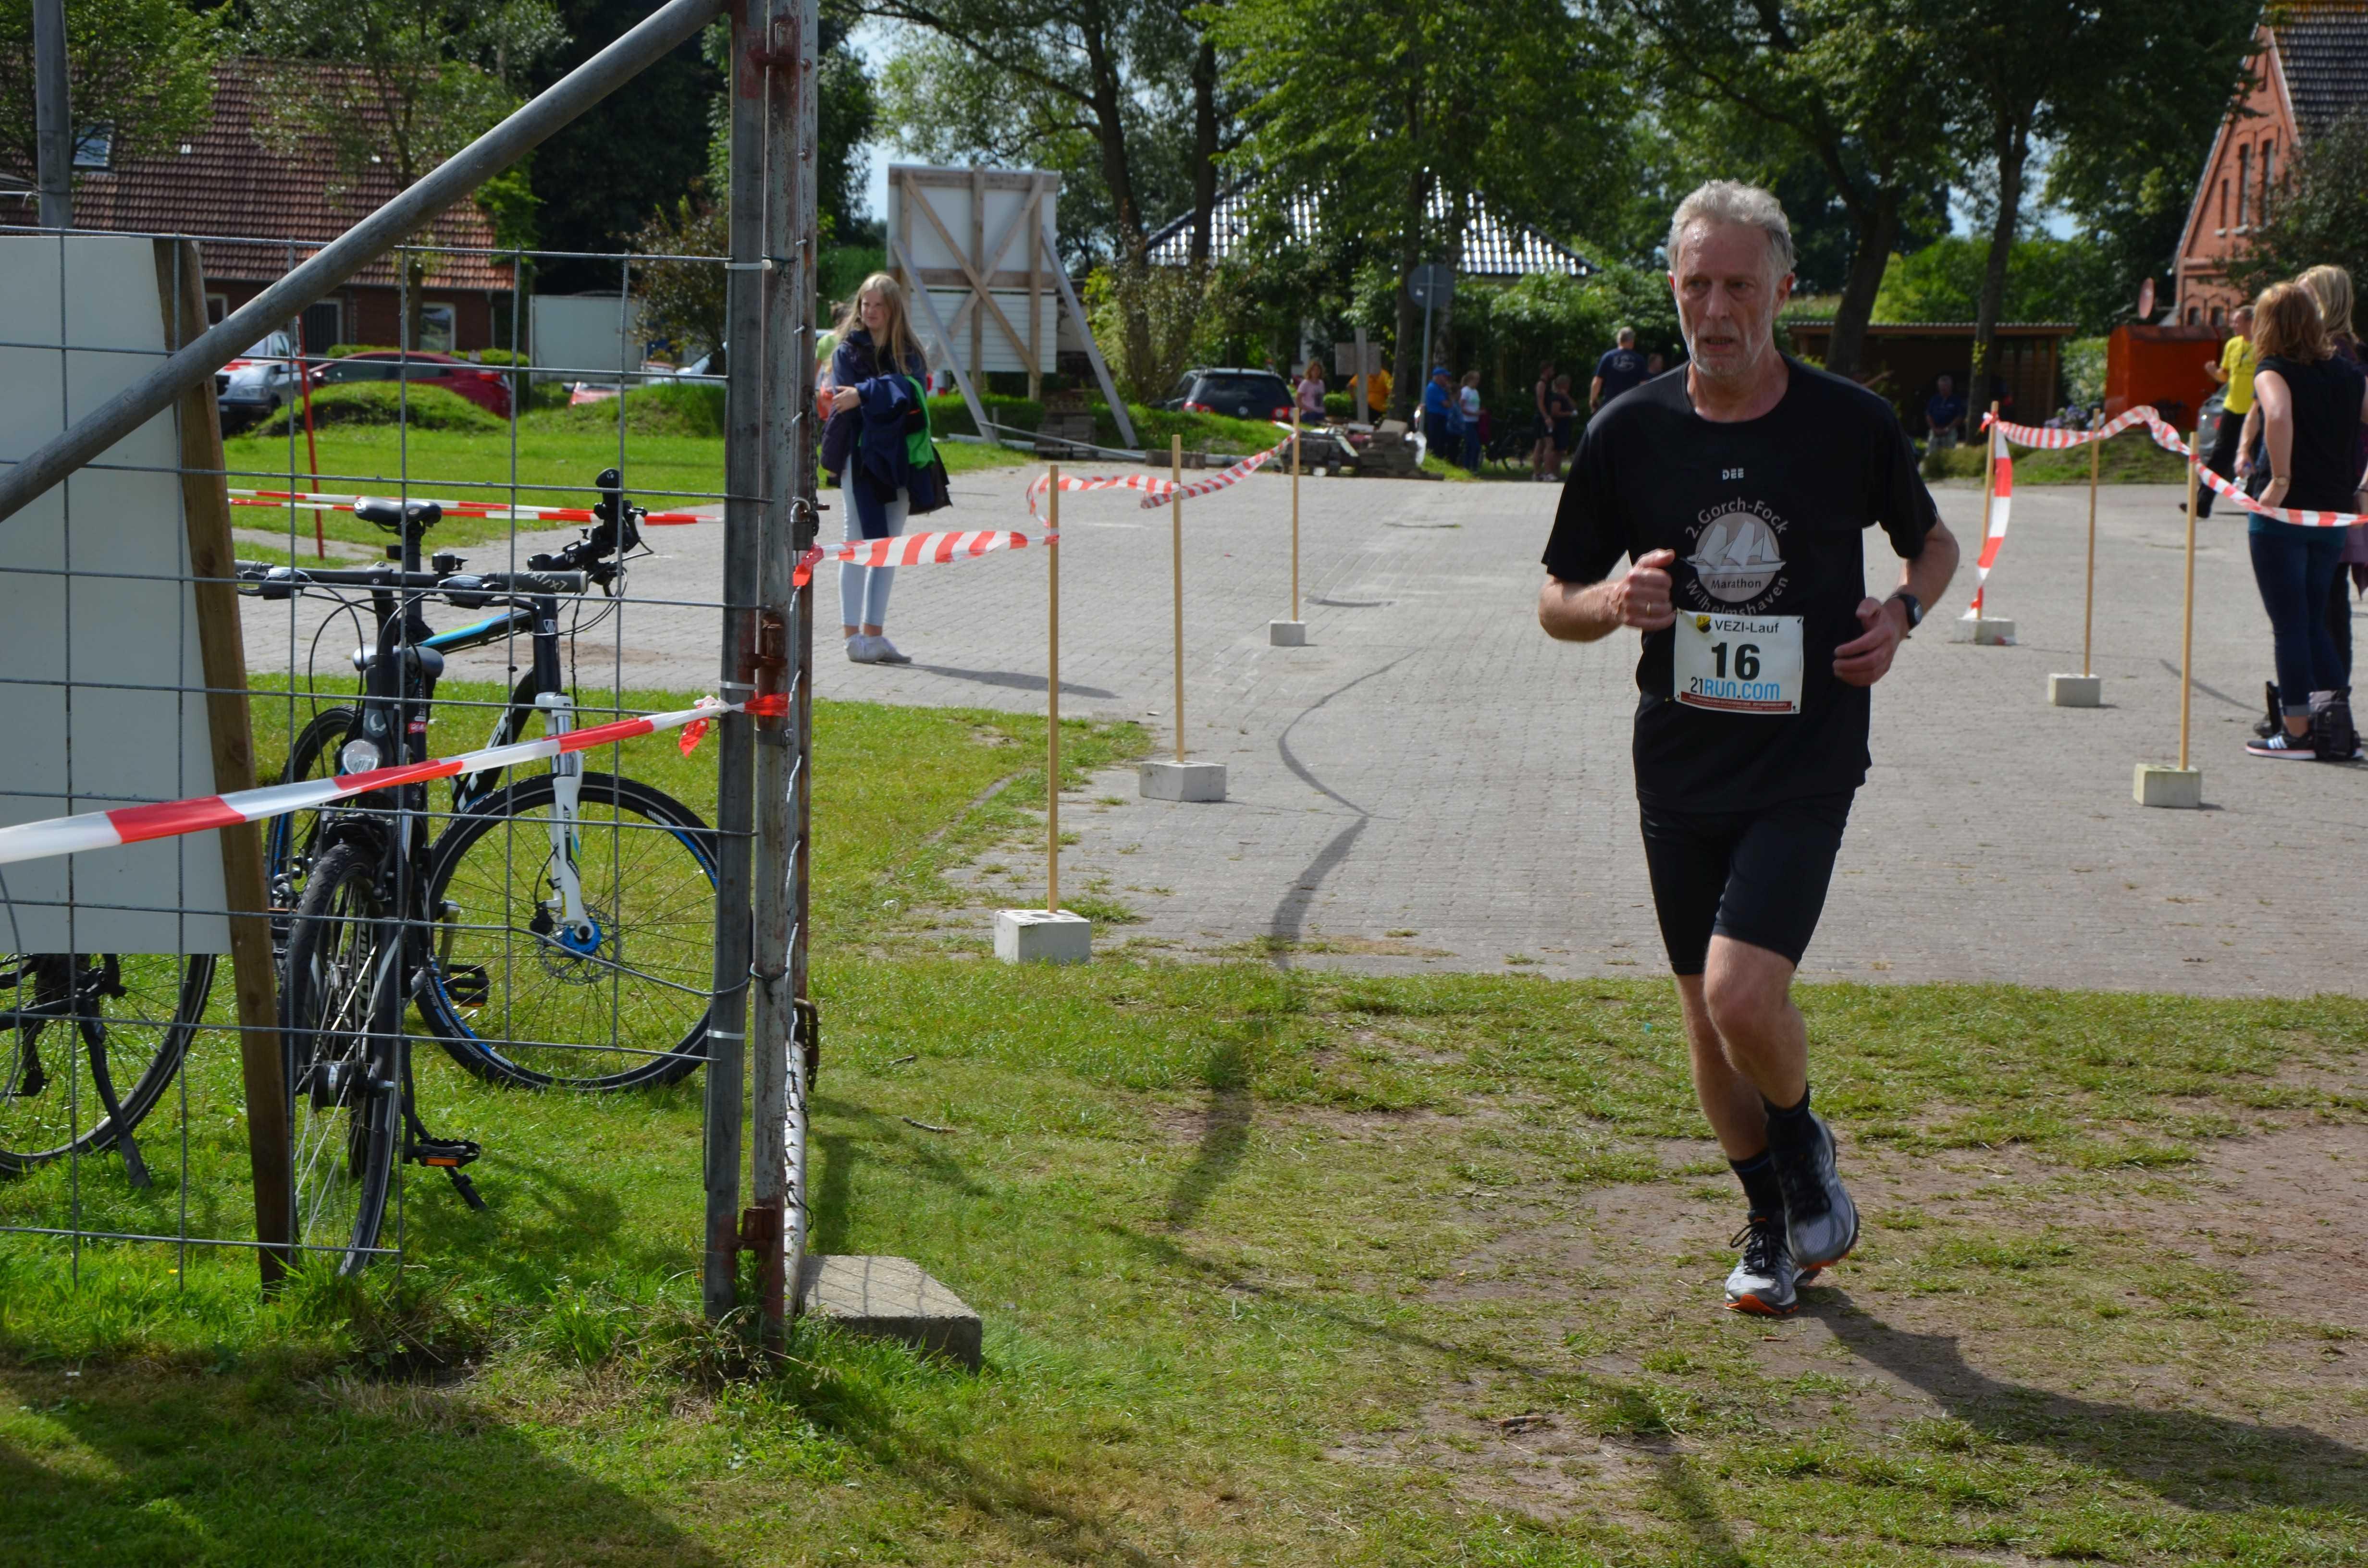 2017-08-05 Vezi Lauf (10)